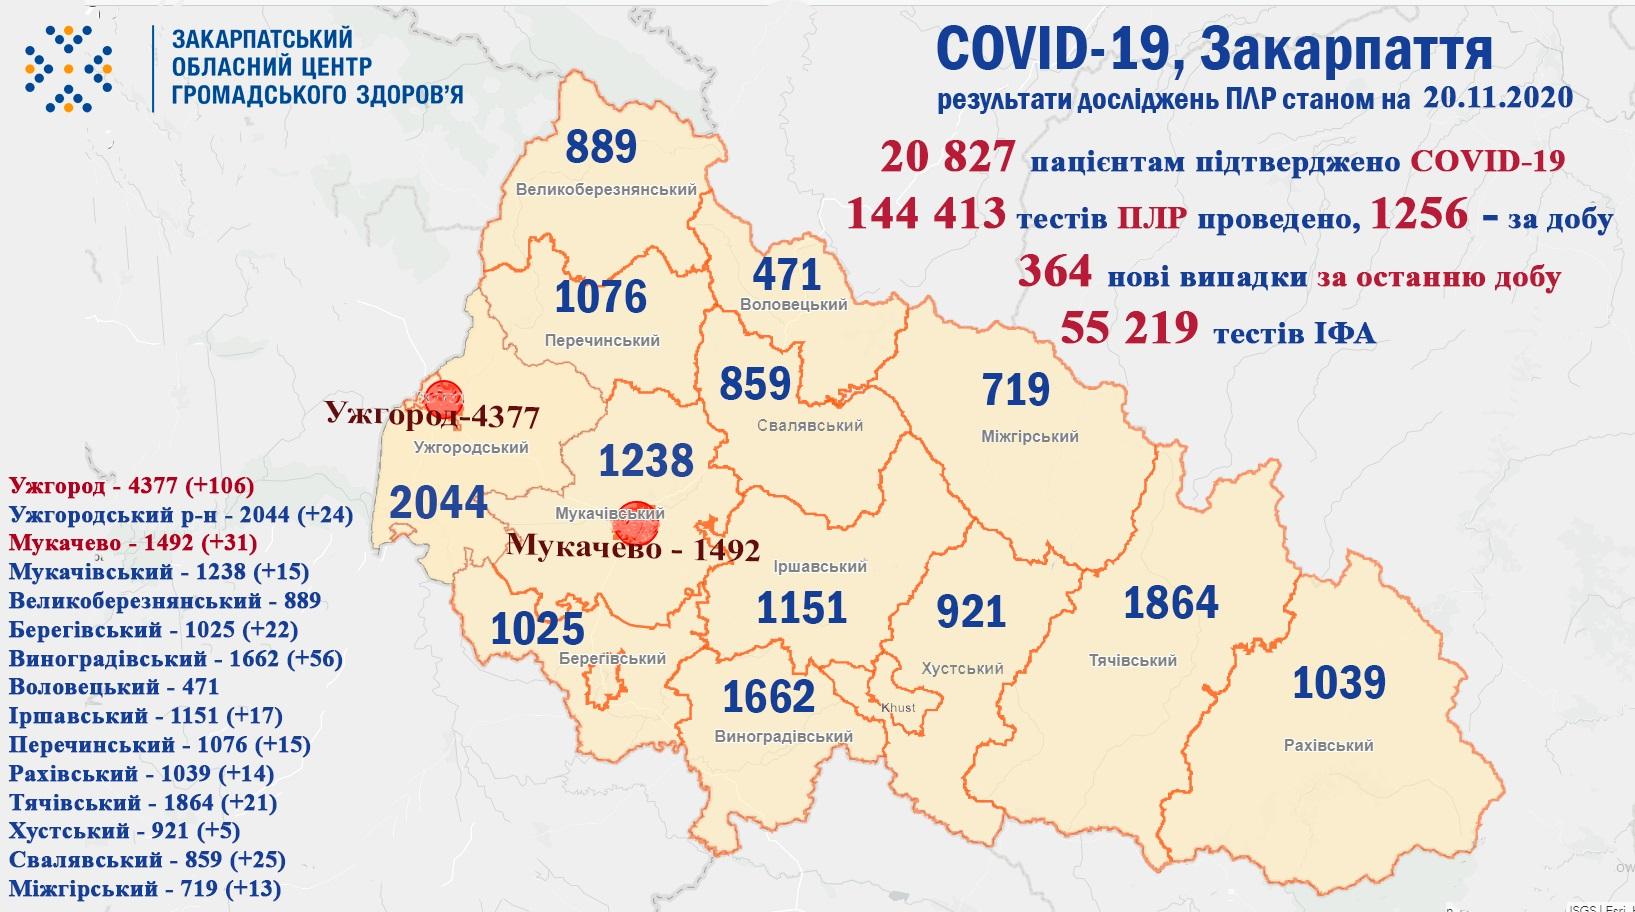 На Закарпатті протягом минулої доби у 364 пацієнтів підтверджено коронавірус